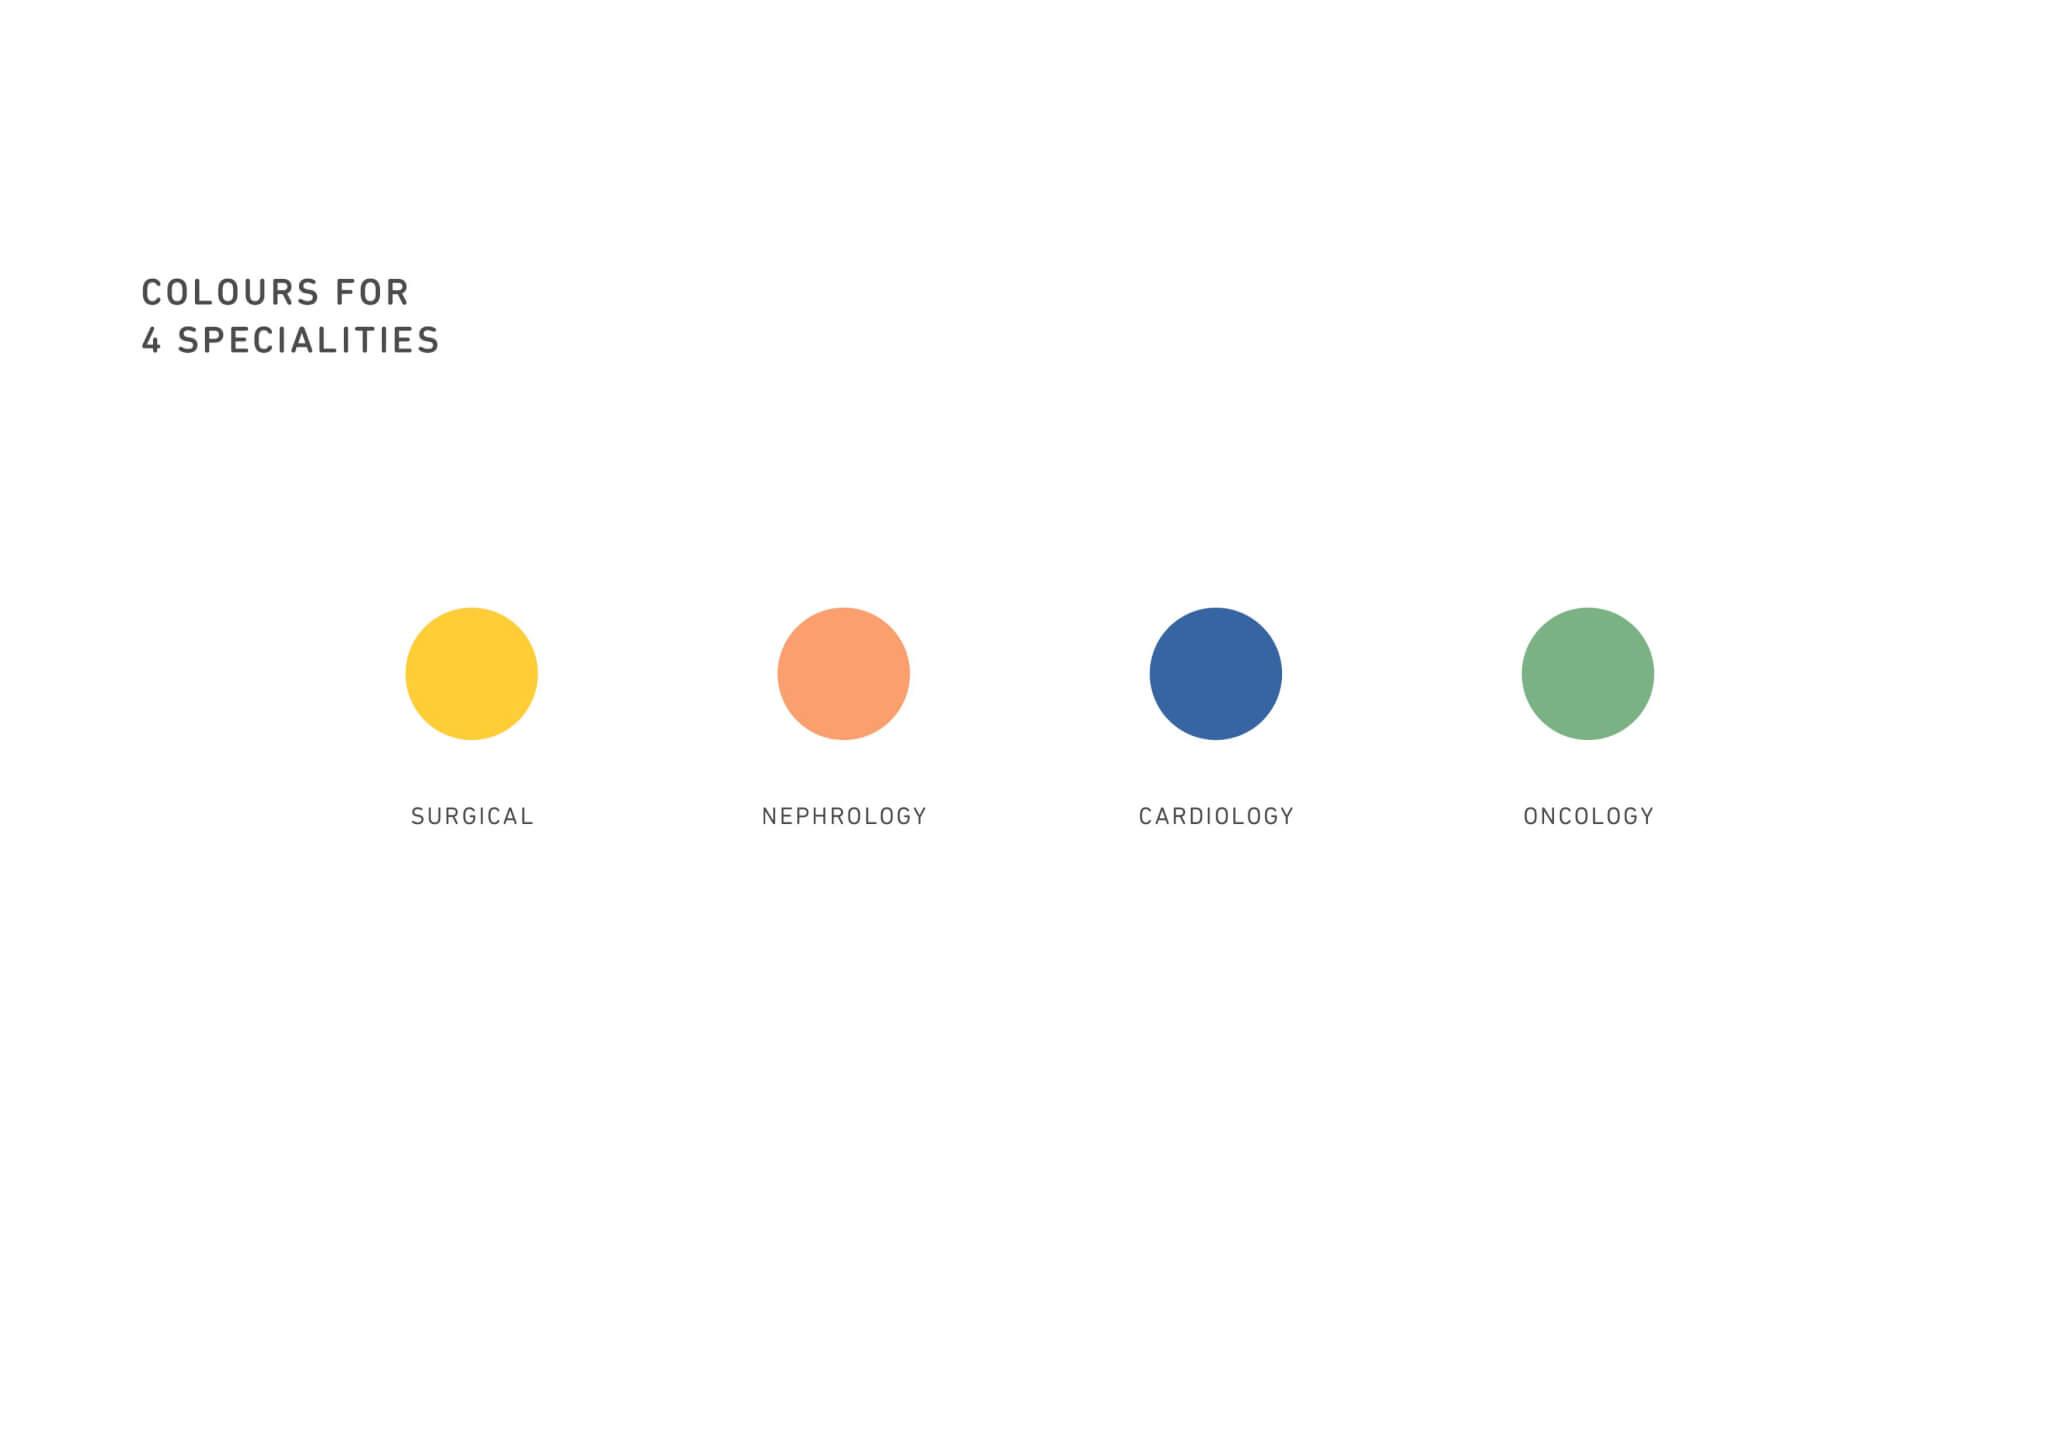 她對應四大病科所採用的四種顏色。